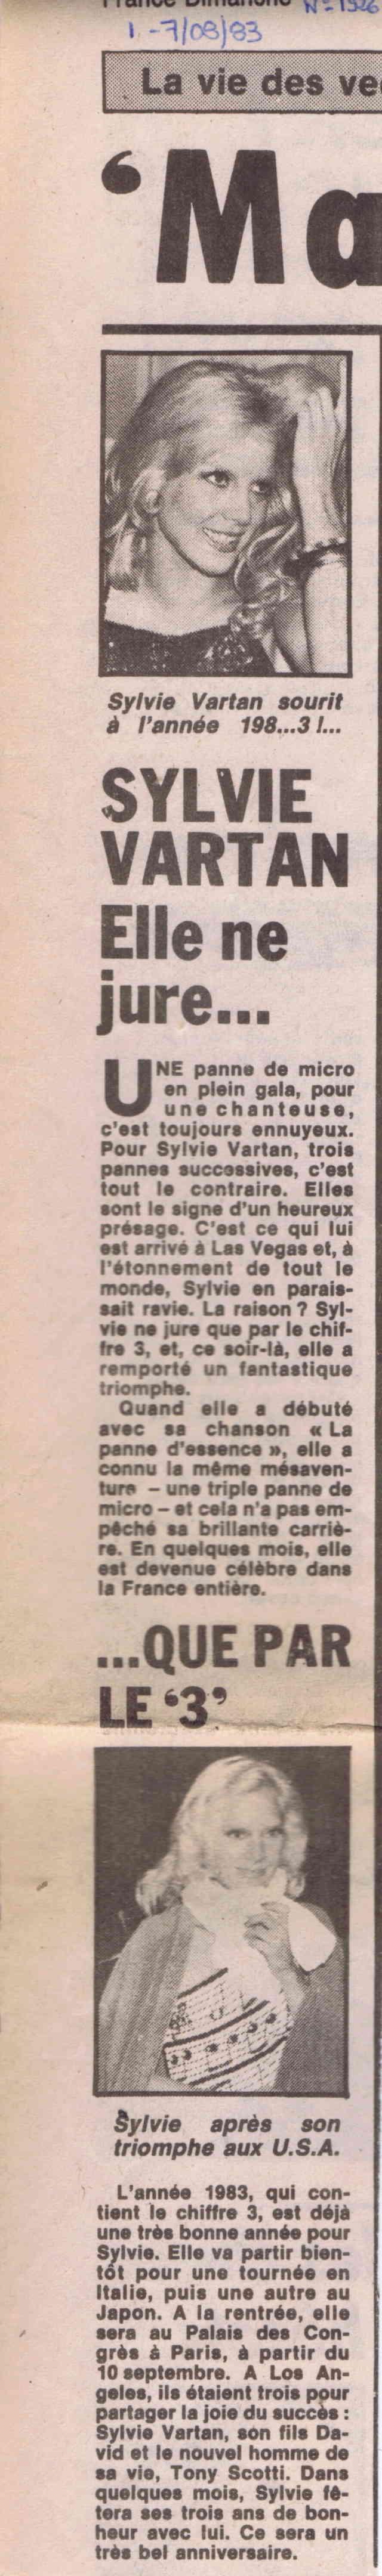 """Discographie N° 39 (COMPLEMENT) """"LA PREMIERE FOIS QU'ON S'AIMERA"""" - Page 3 France58"""